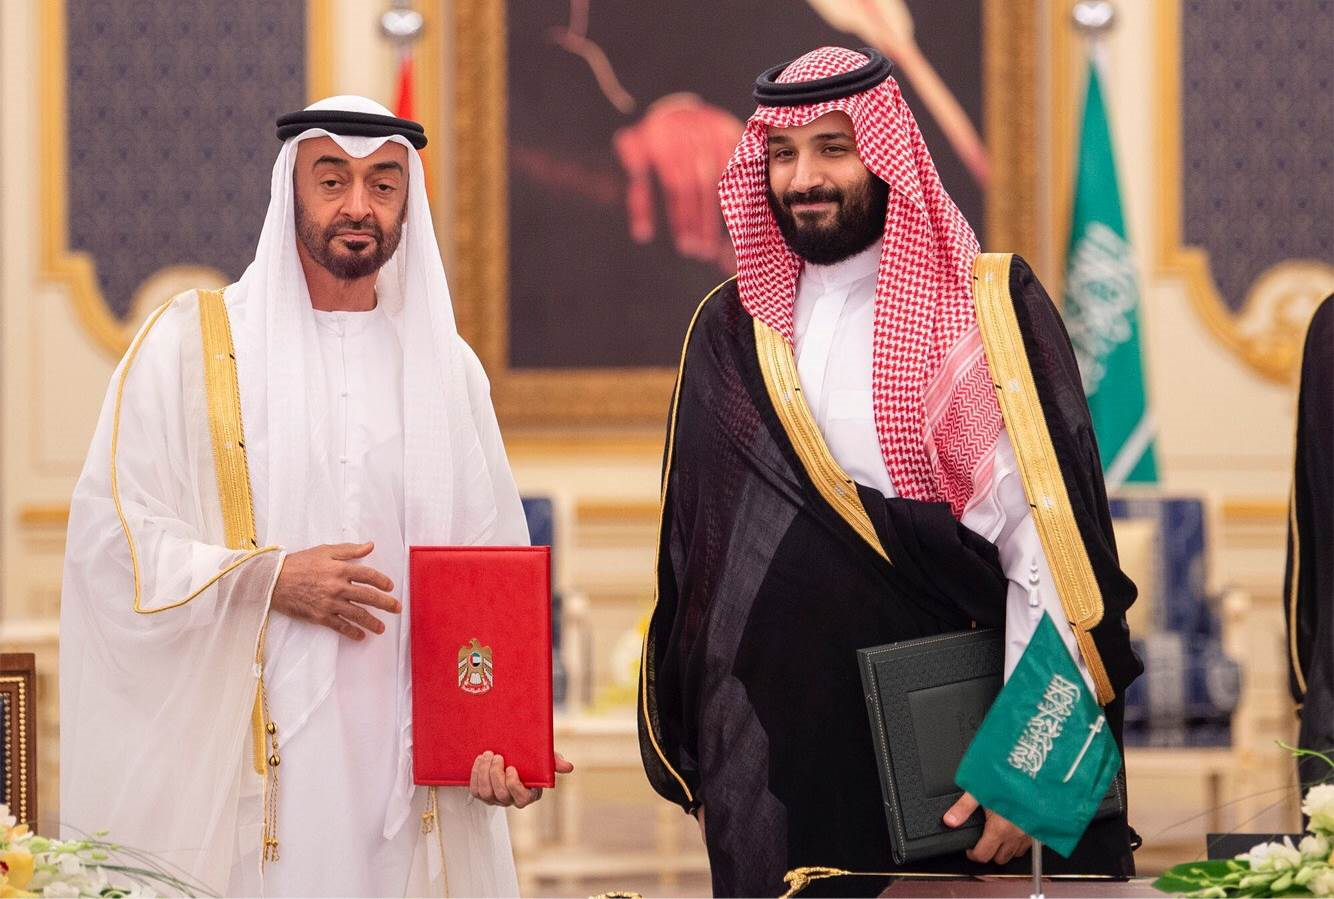 بعد آل سعود وآل نهيان وآل خليفة هل سنرى الأمير تميم يرمي بنفسه بالكامل في الحضن الإسرائيلي؟